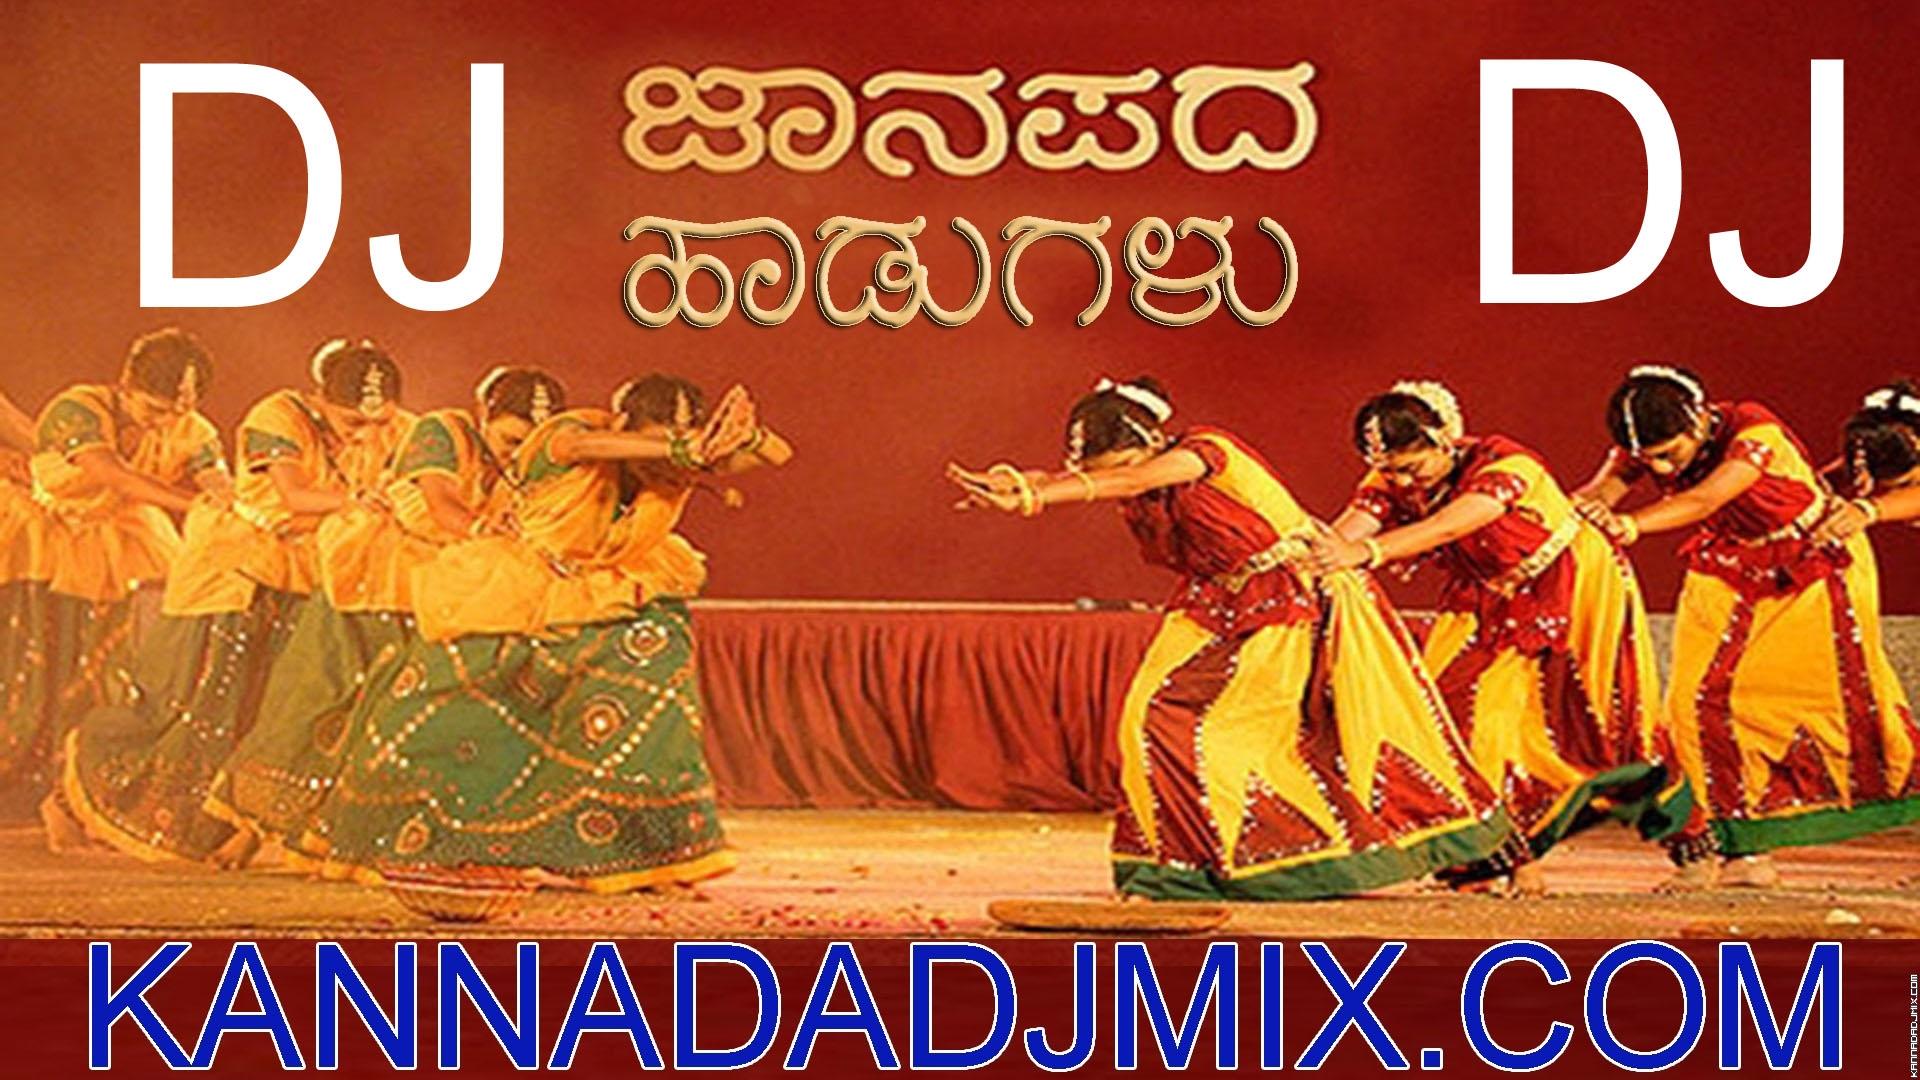 ಊರಾಗ ದೊಡ್ಡ ಮನೆತನ ಹುಡುಗಿ Urag Dodda ManiTana Love Feeling Janapada.mp3